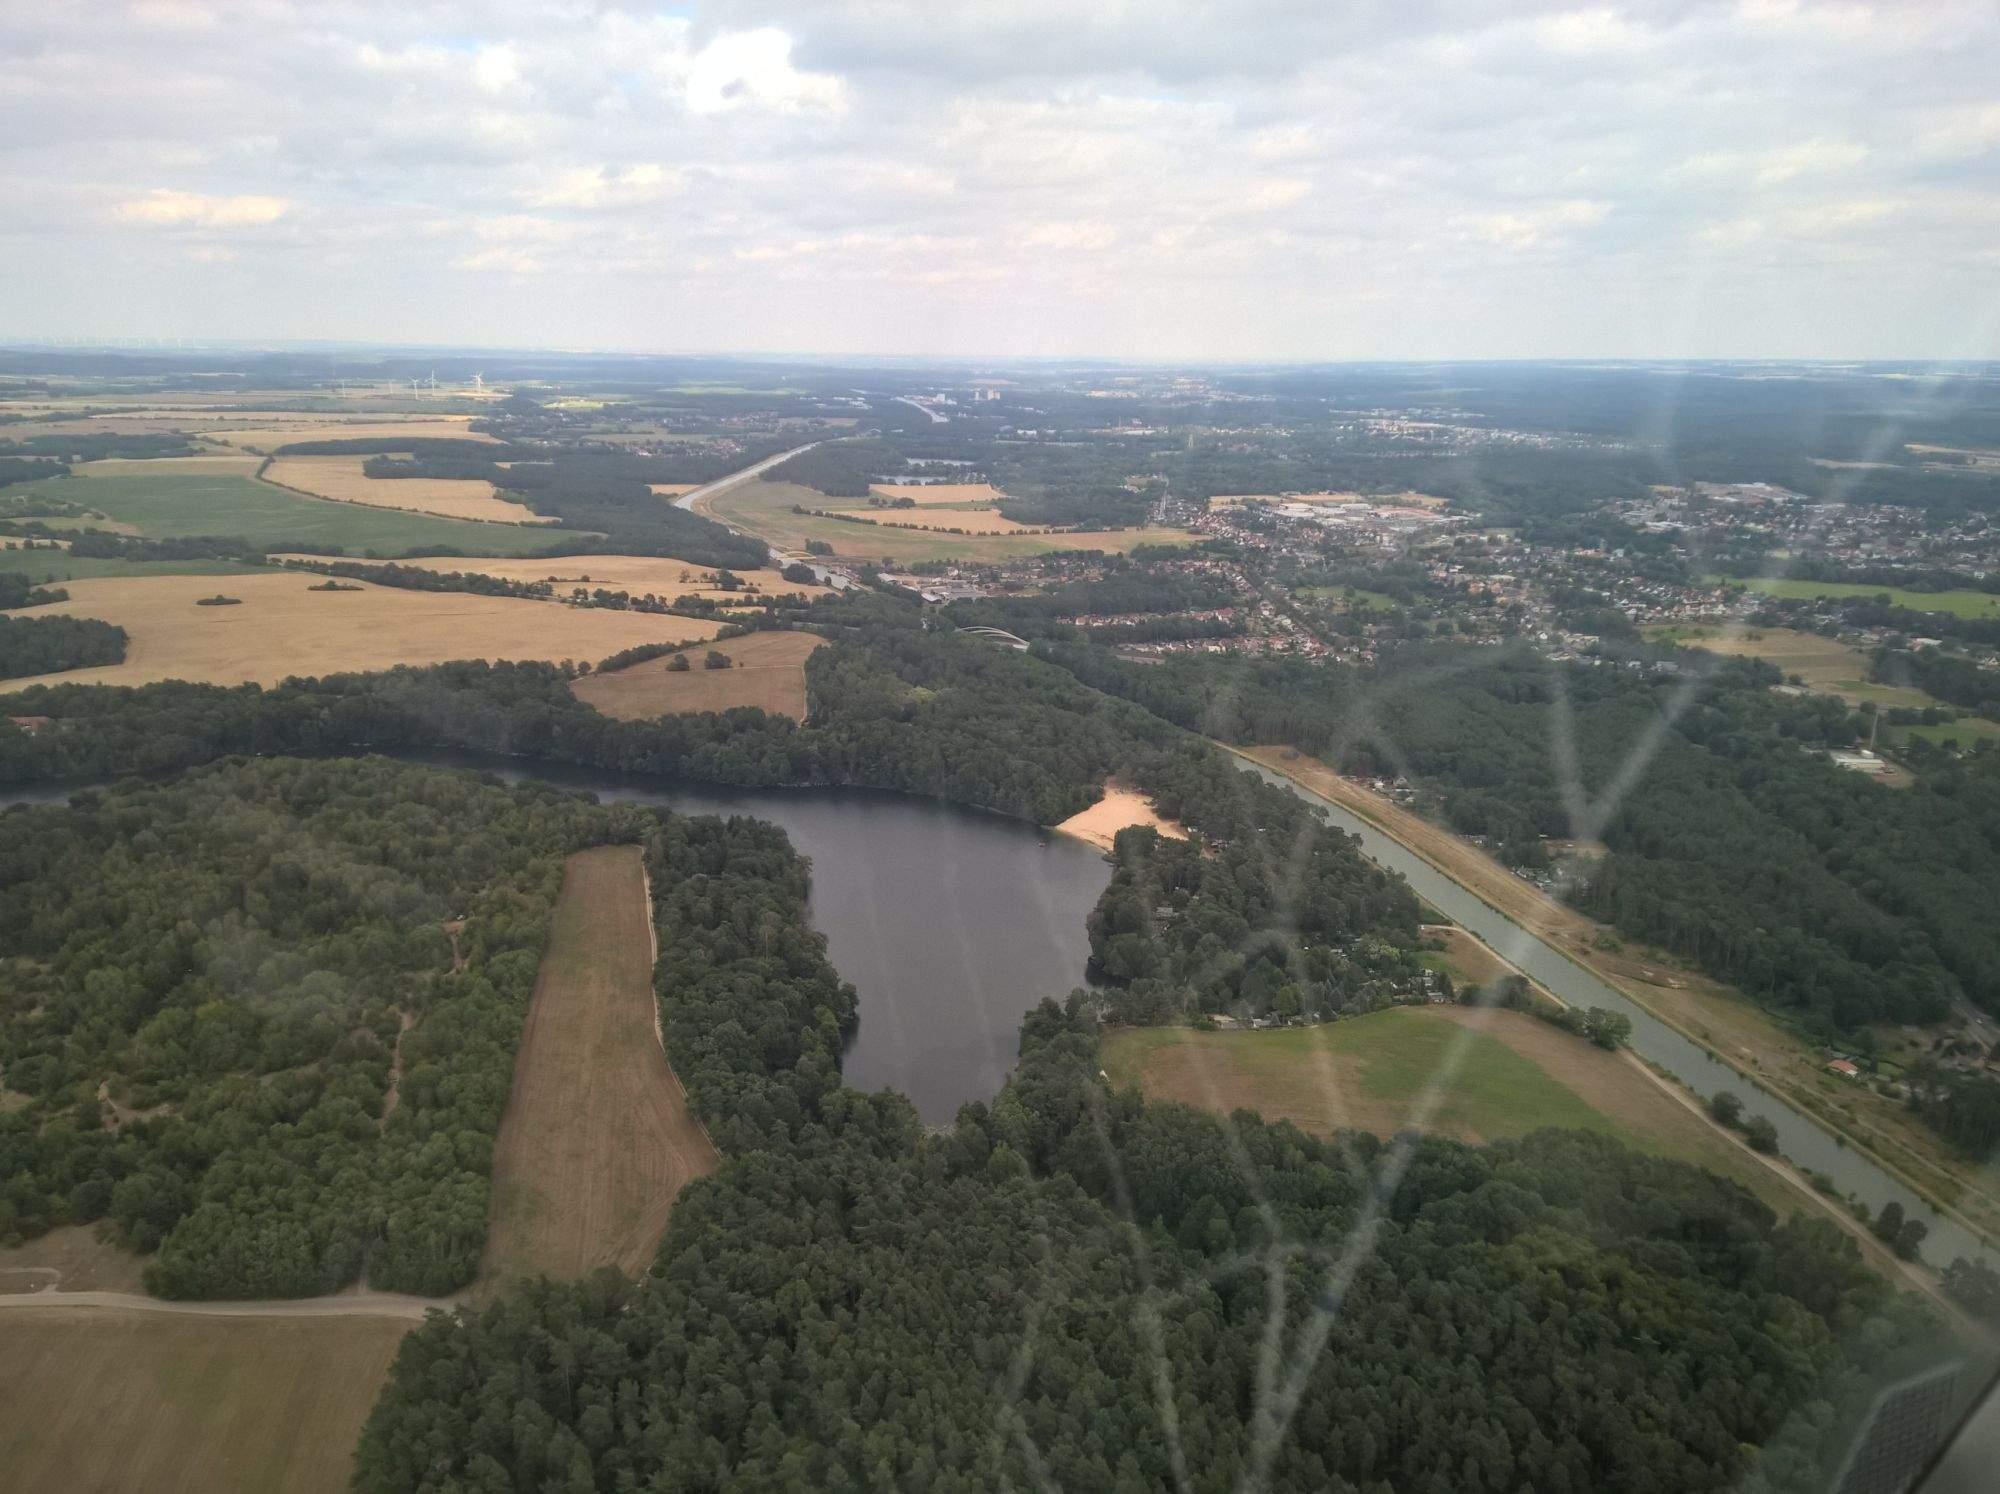 Rundflug Üdersee und Havel Oder Wasserstraße